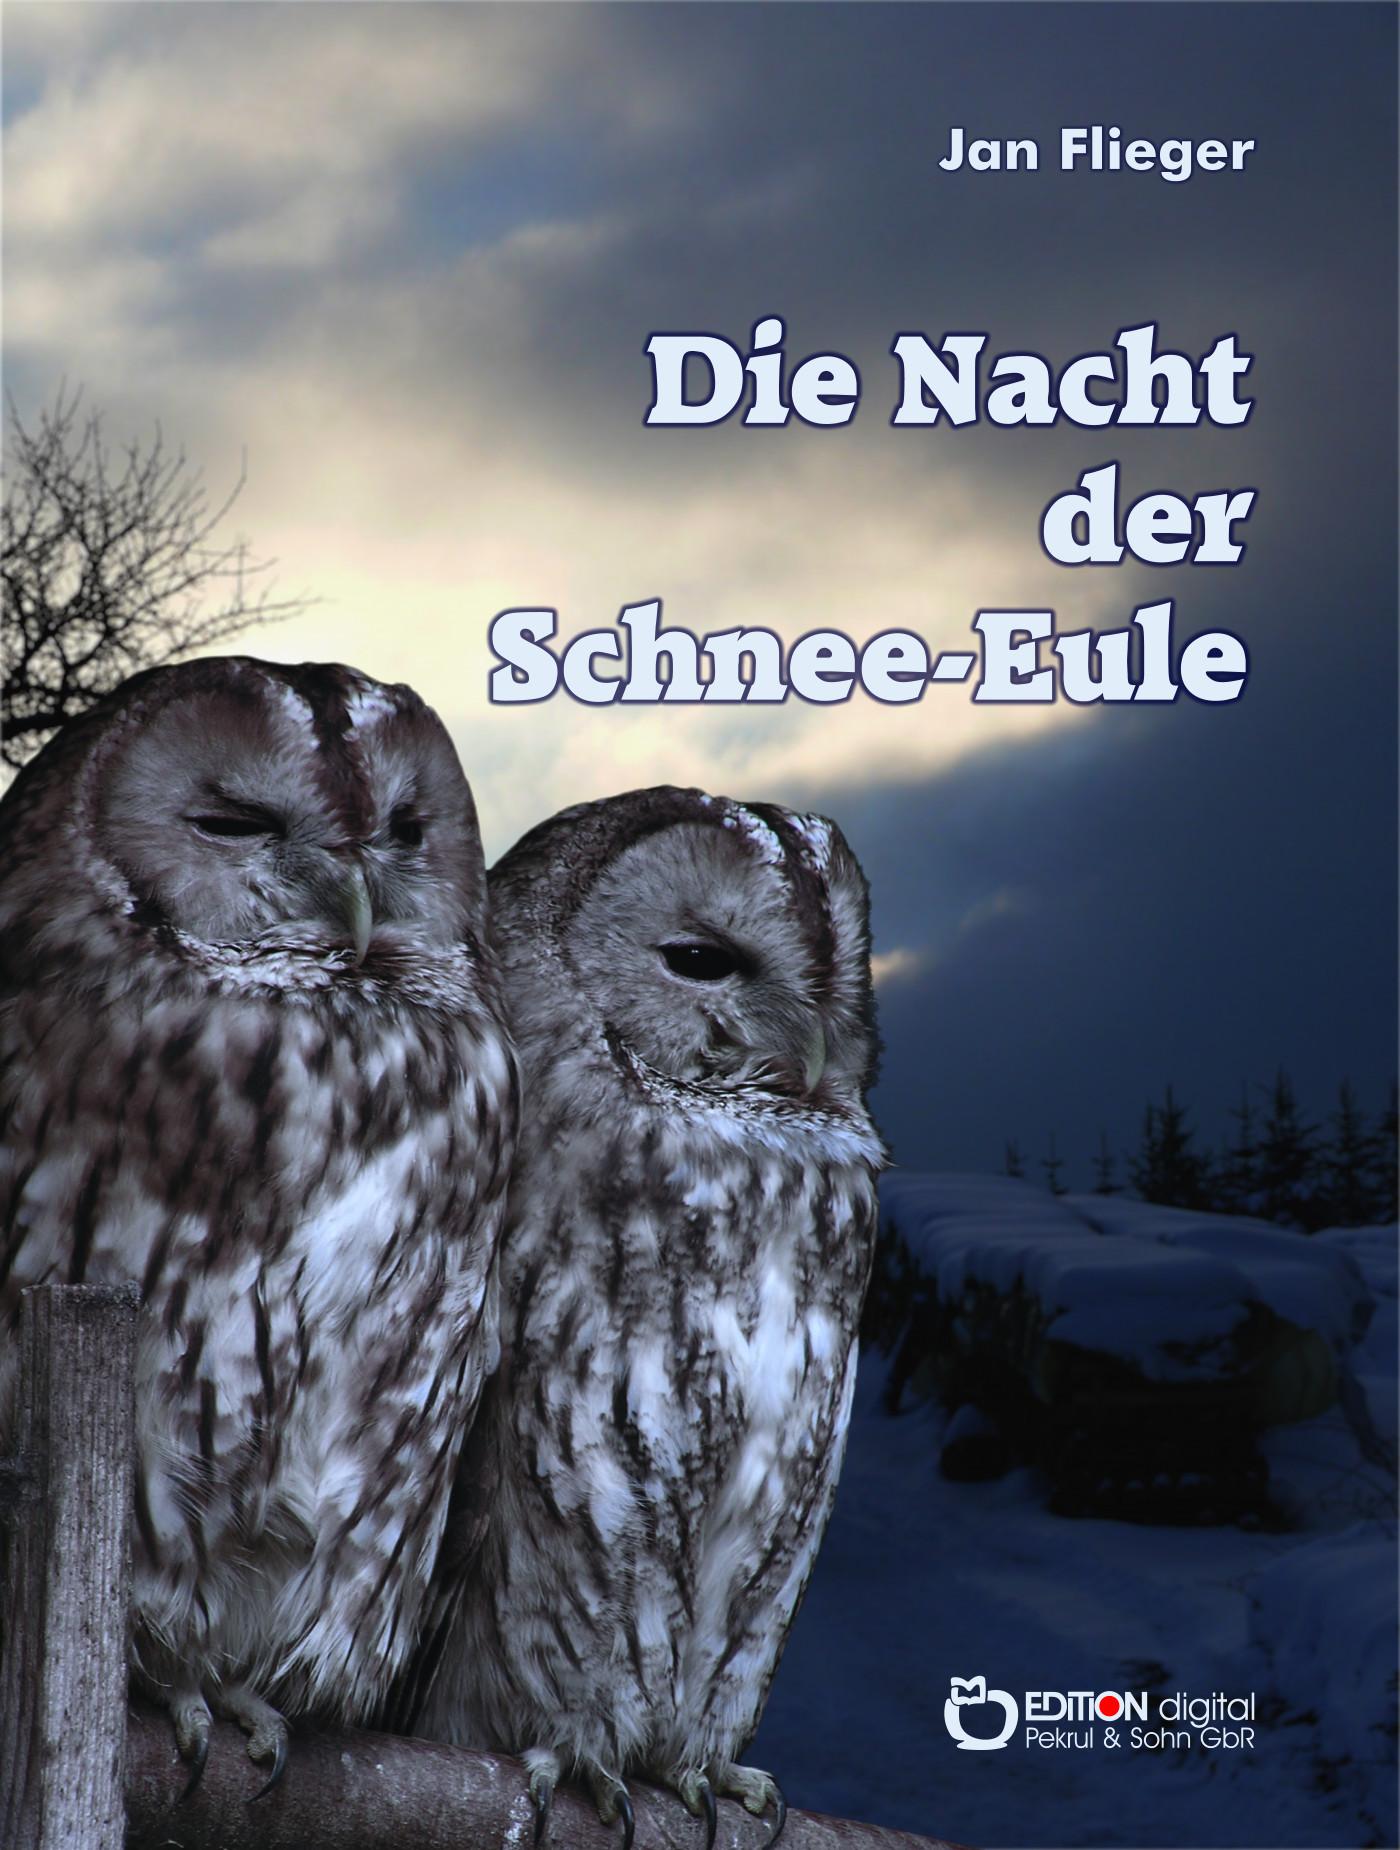 Die Nacht der Schnee-Eule von Jan Flieger